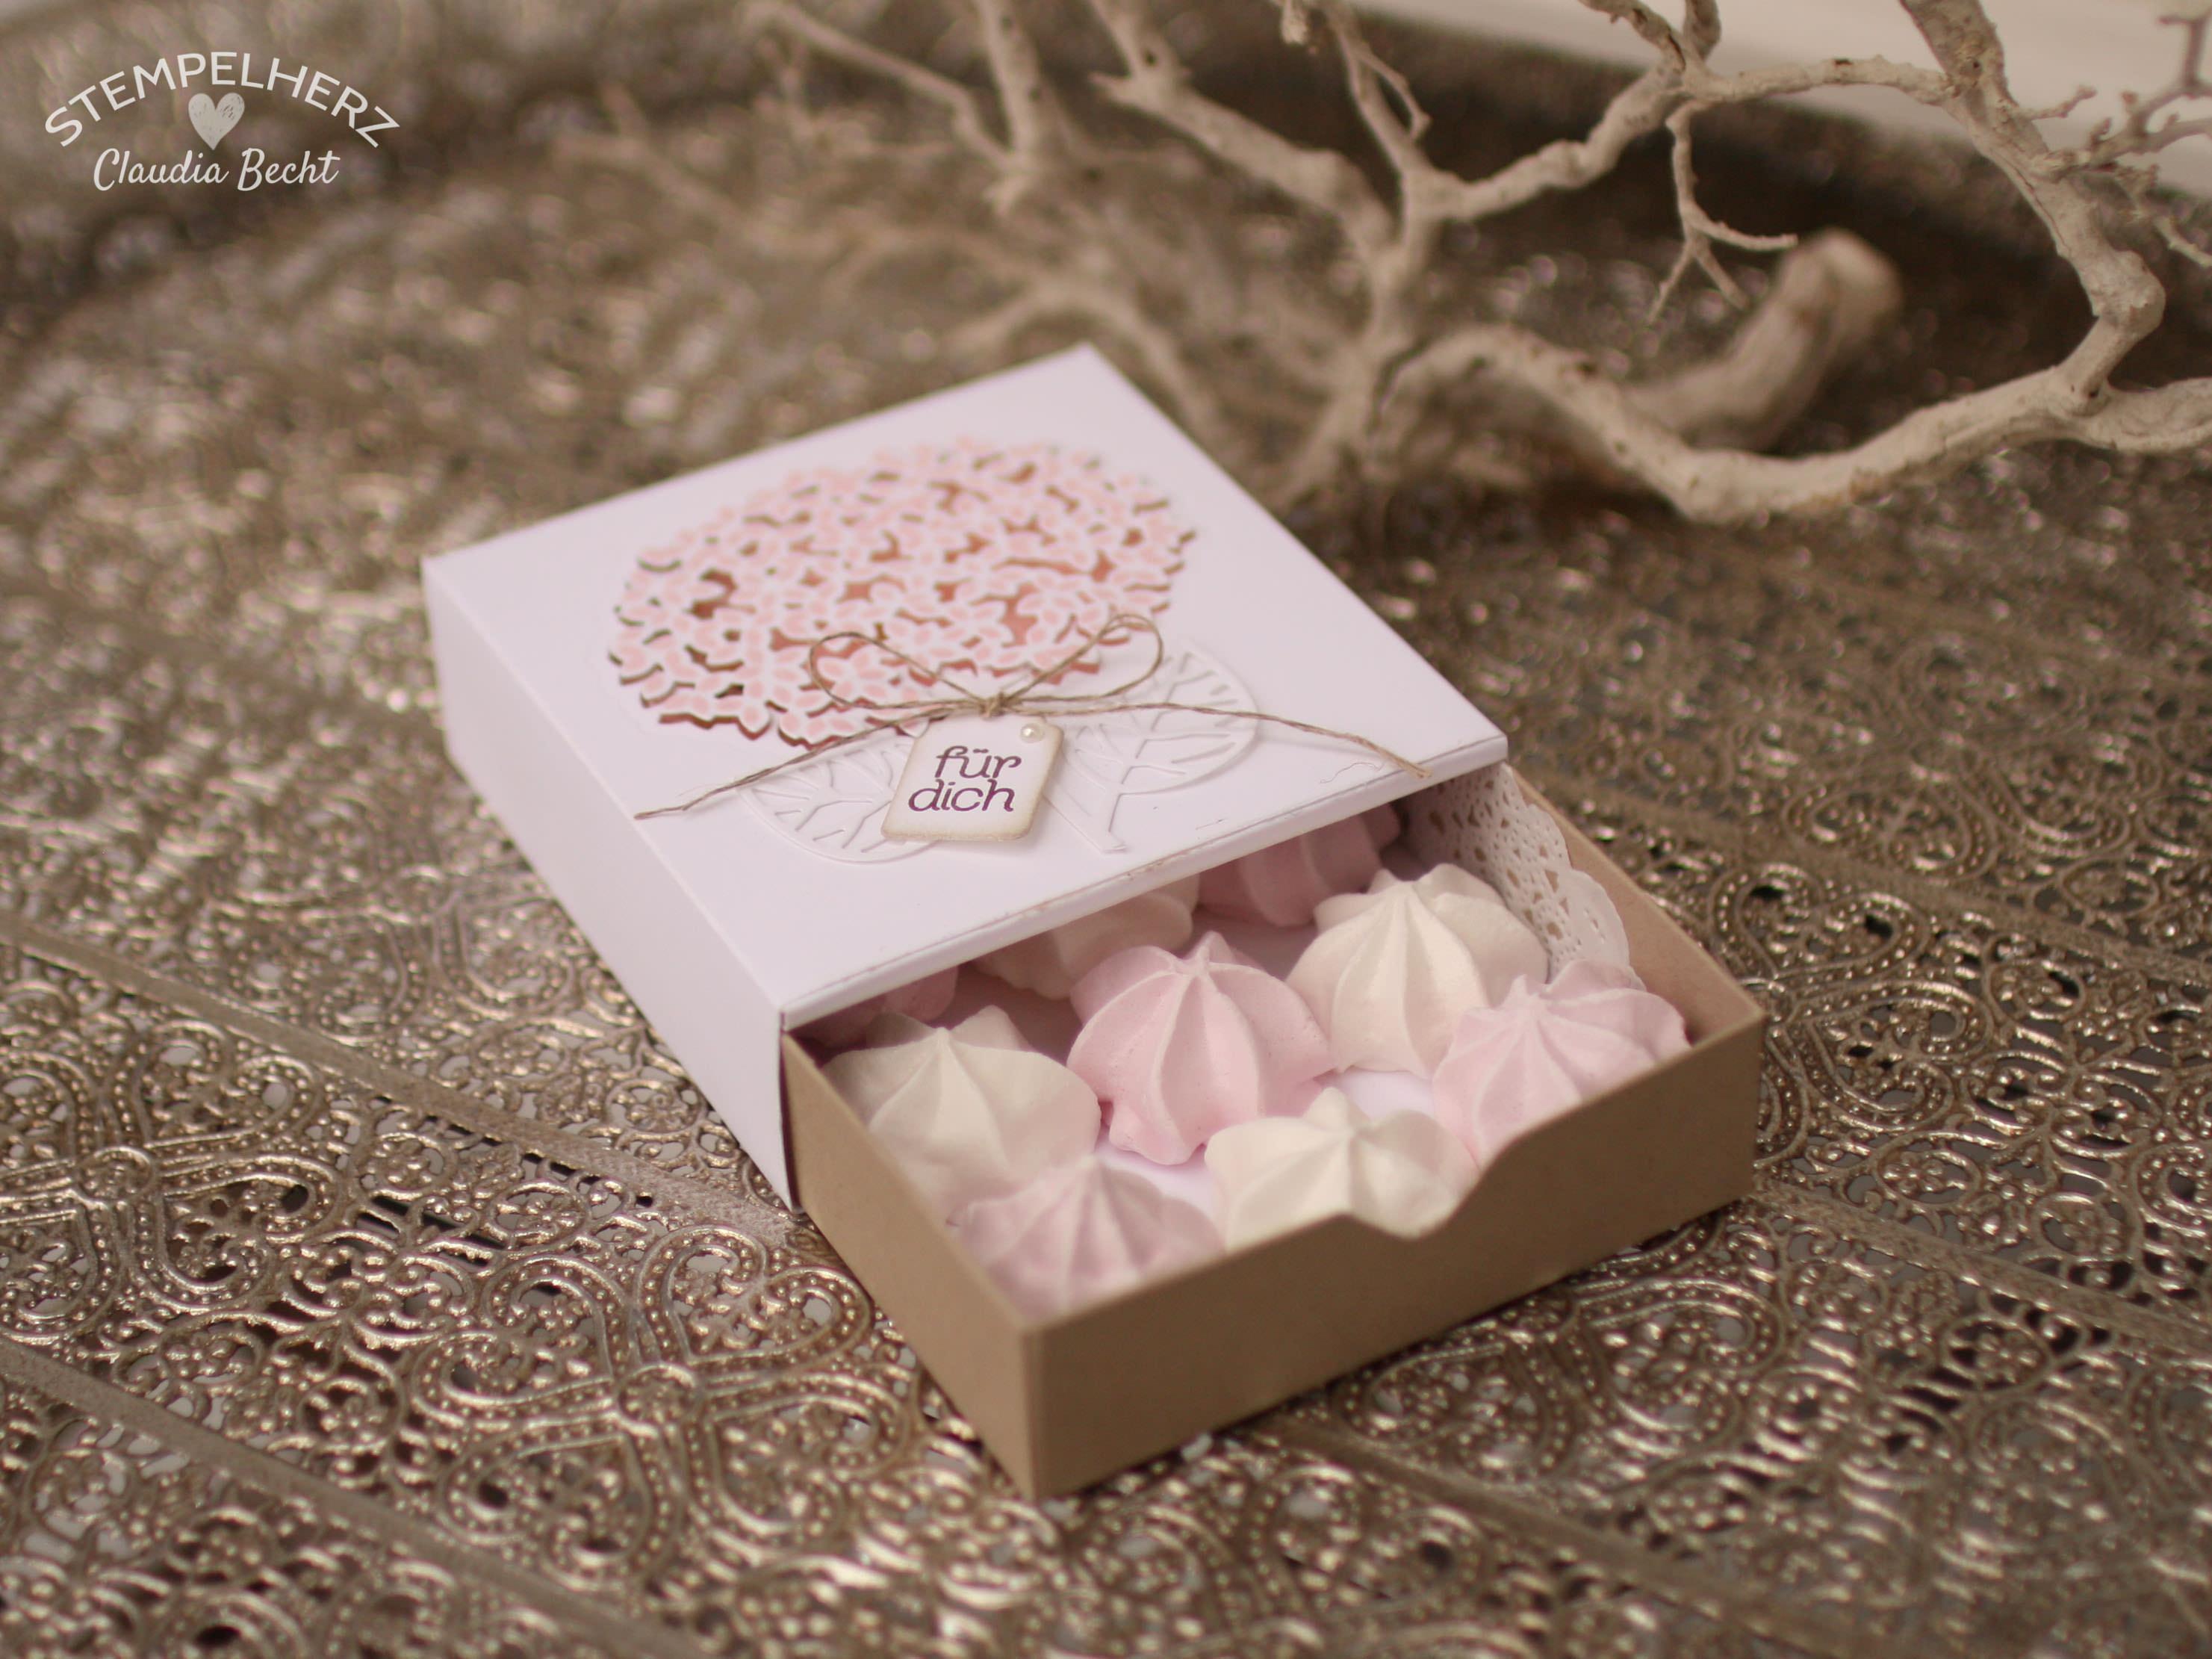 Stampin Up - Stempelherz - Grand Vacation Achievers Blog Hop - Thoughtful Branches - Wald der Worte - Verpackung - Schachtel - Ziehverpackung - Box - Blume - Schachtel Zarte Blume 04